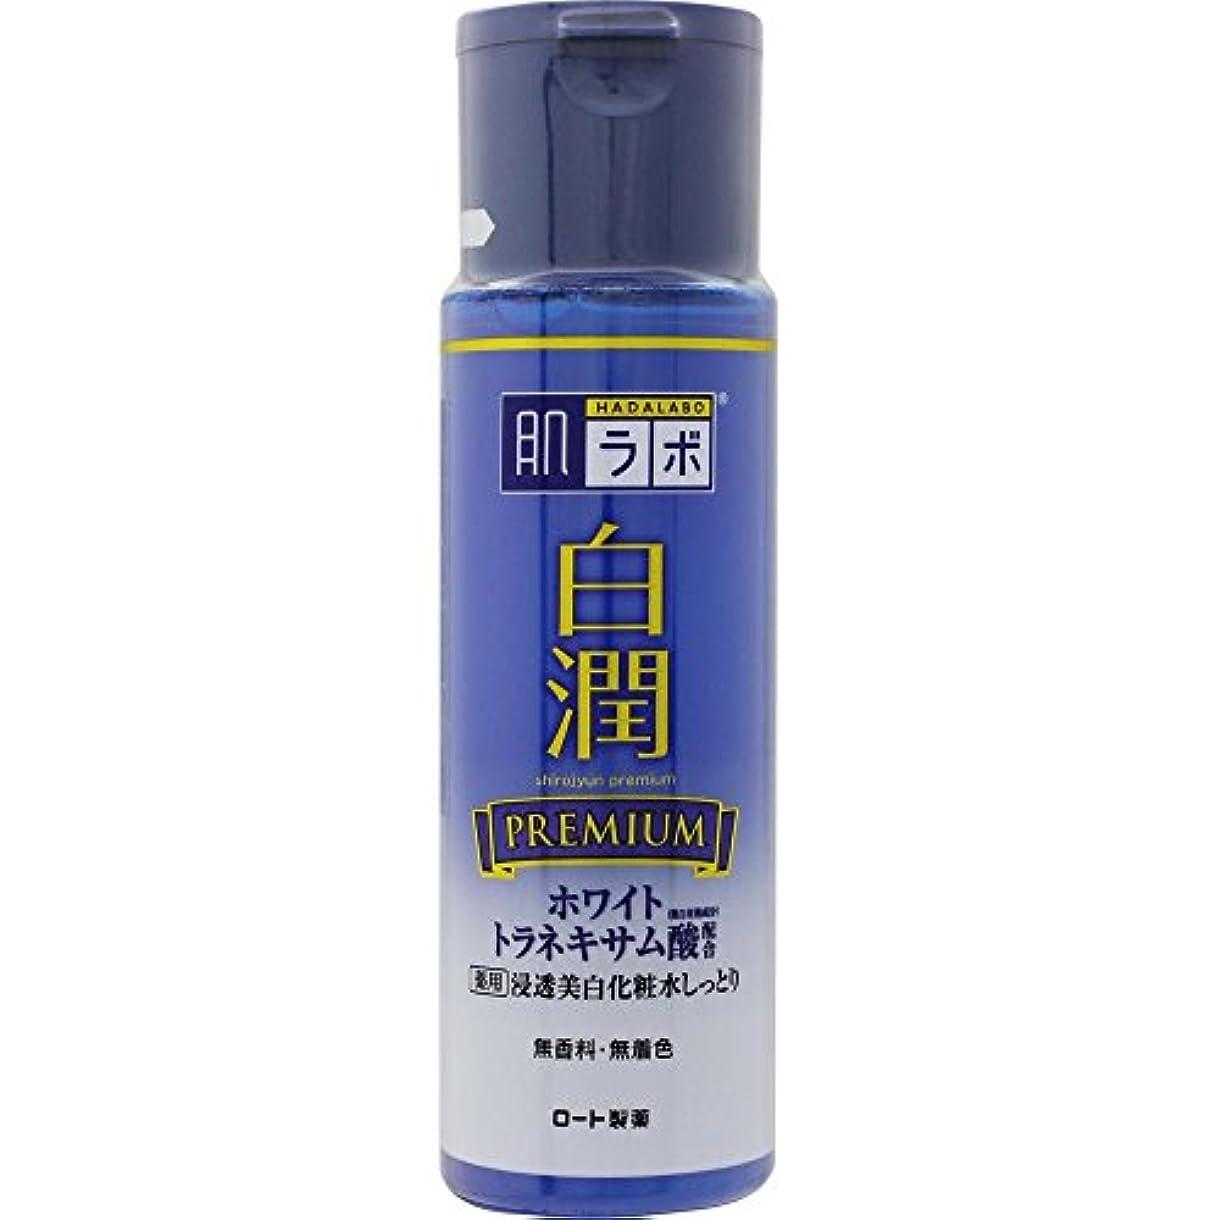 キャラバン名声シアー肌ラボ 白潤プレミアム 薬用浸透美白化粧水しっとり 170mL (医薬部外品)